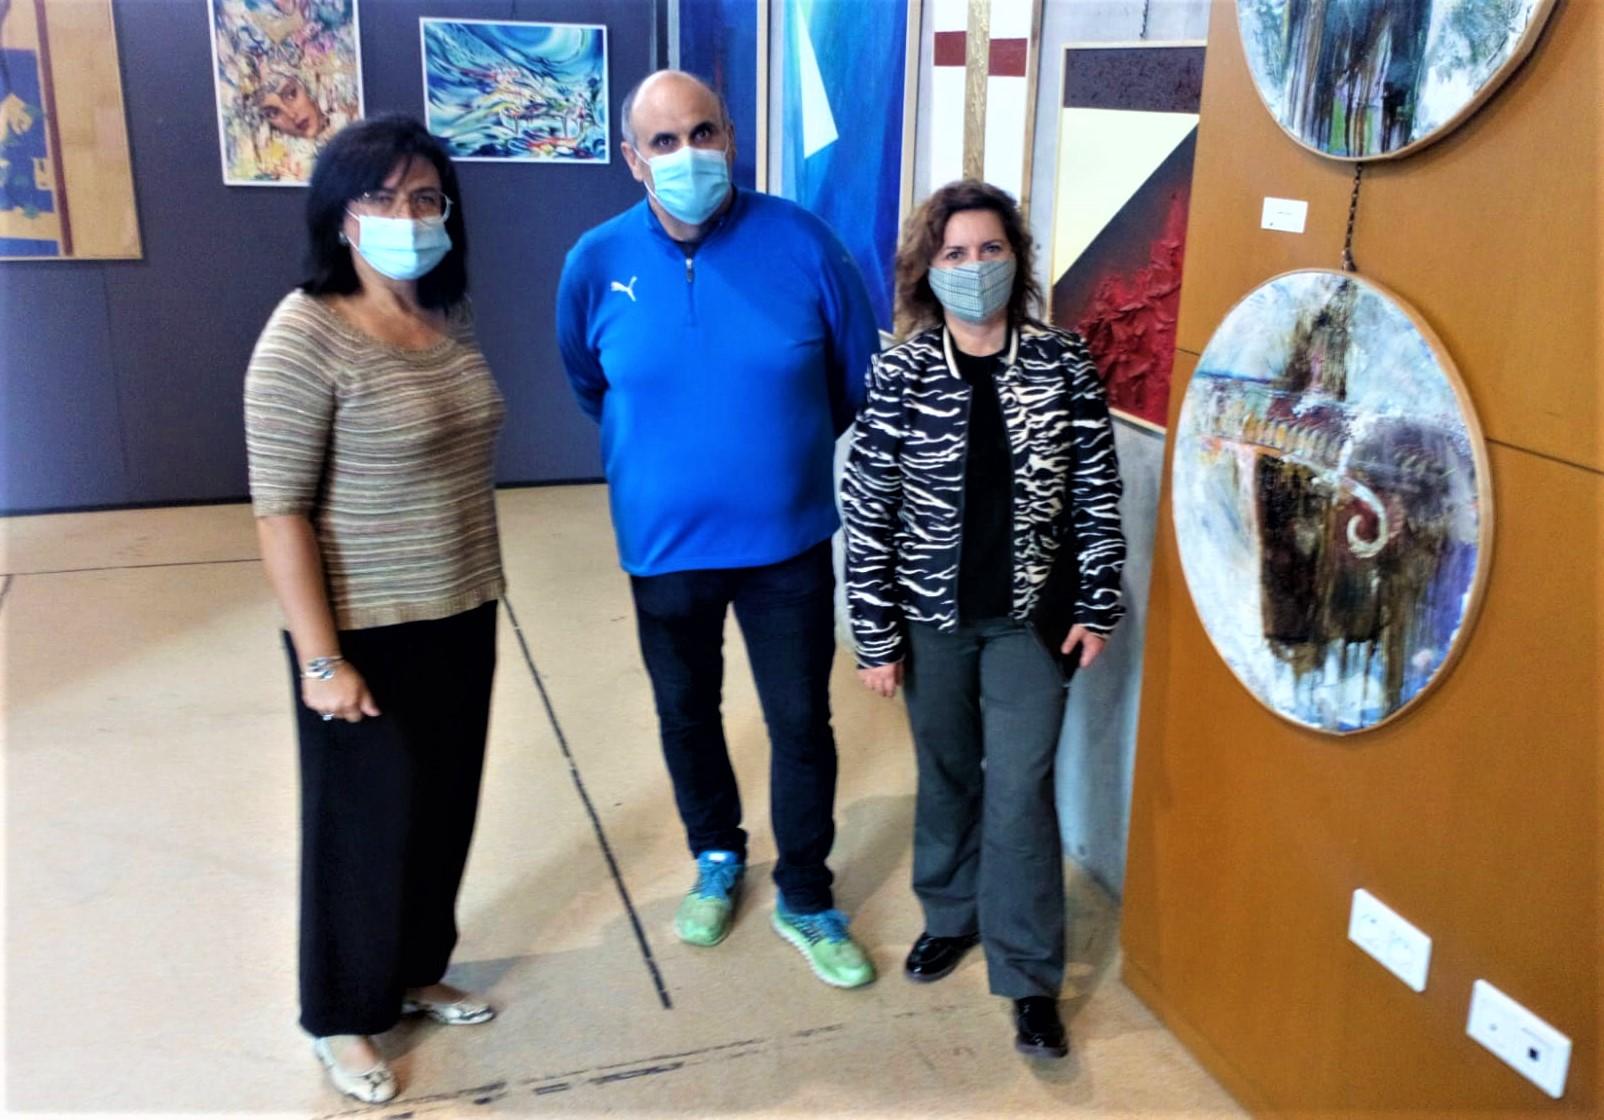 El Museo del Calzado acoge la exposición 'Los colores y símbolos del Mediterráneo' desde hoy y hasta el 29 de noviembre